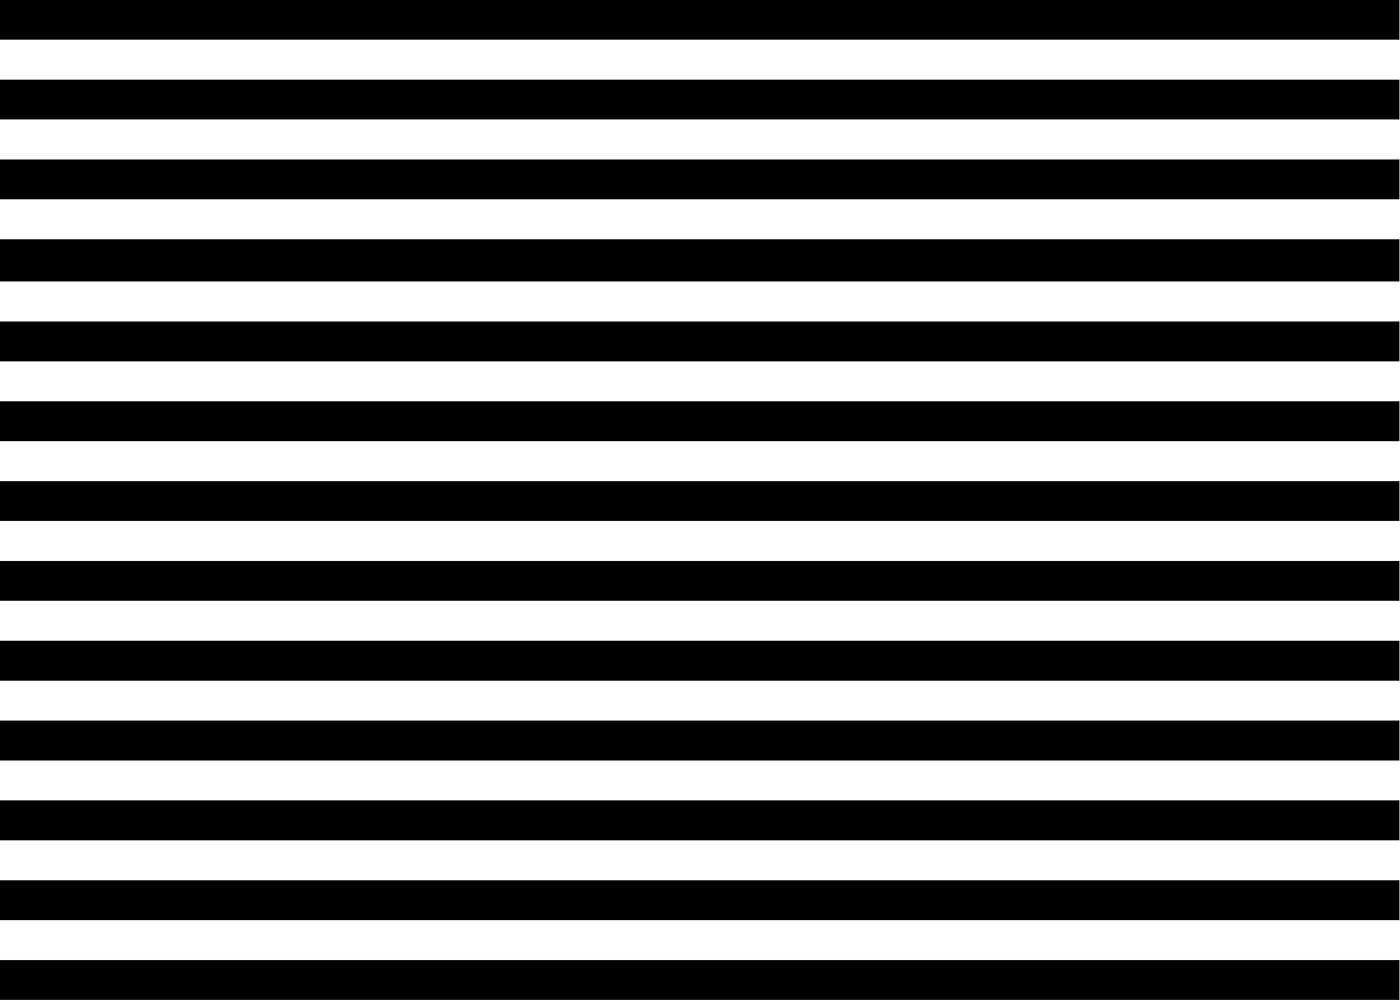 DePhoto фотография фон черный белый полосы пользовательское имя Дата простой день рождения фон фотостудия фотосессия обои